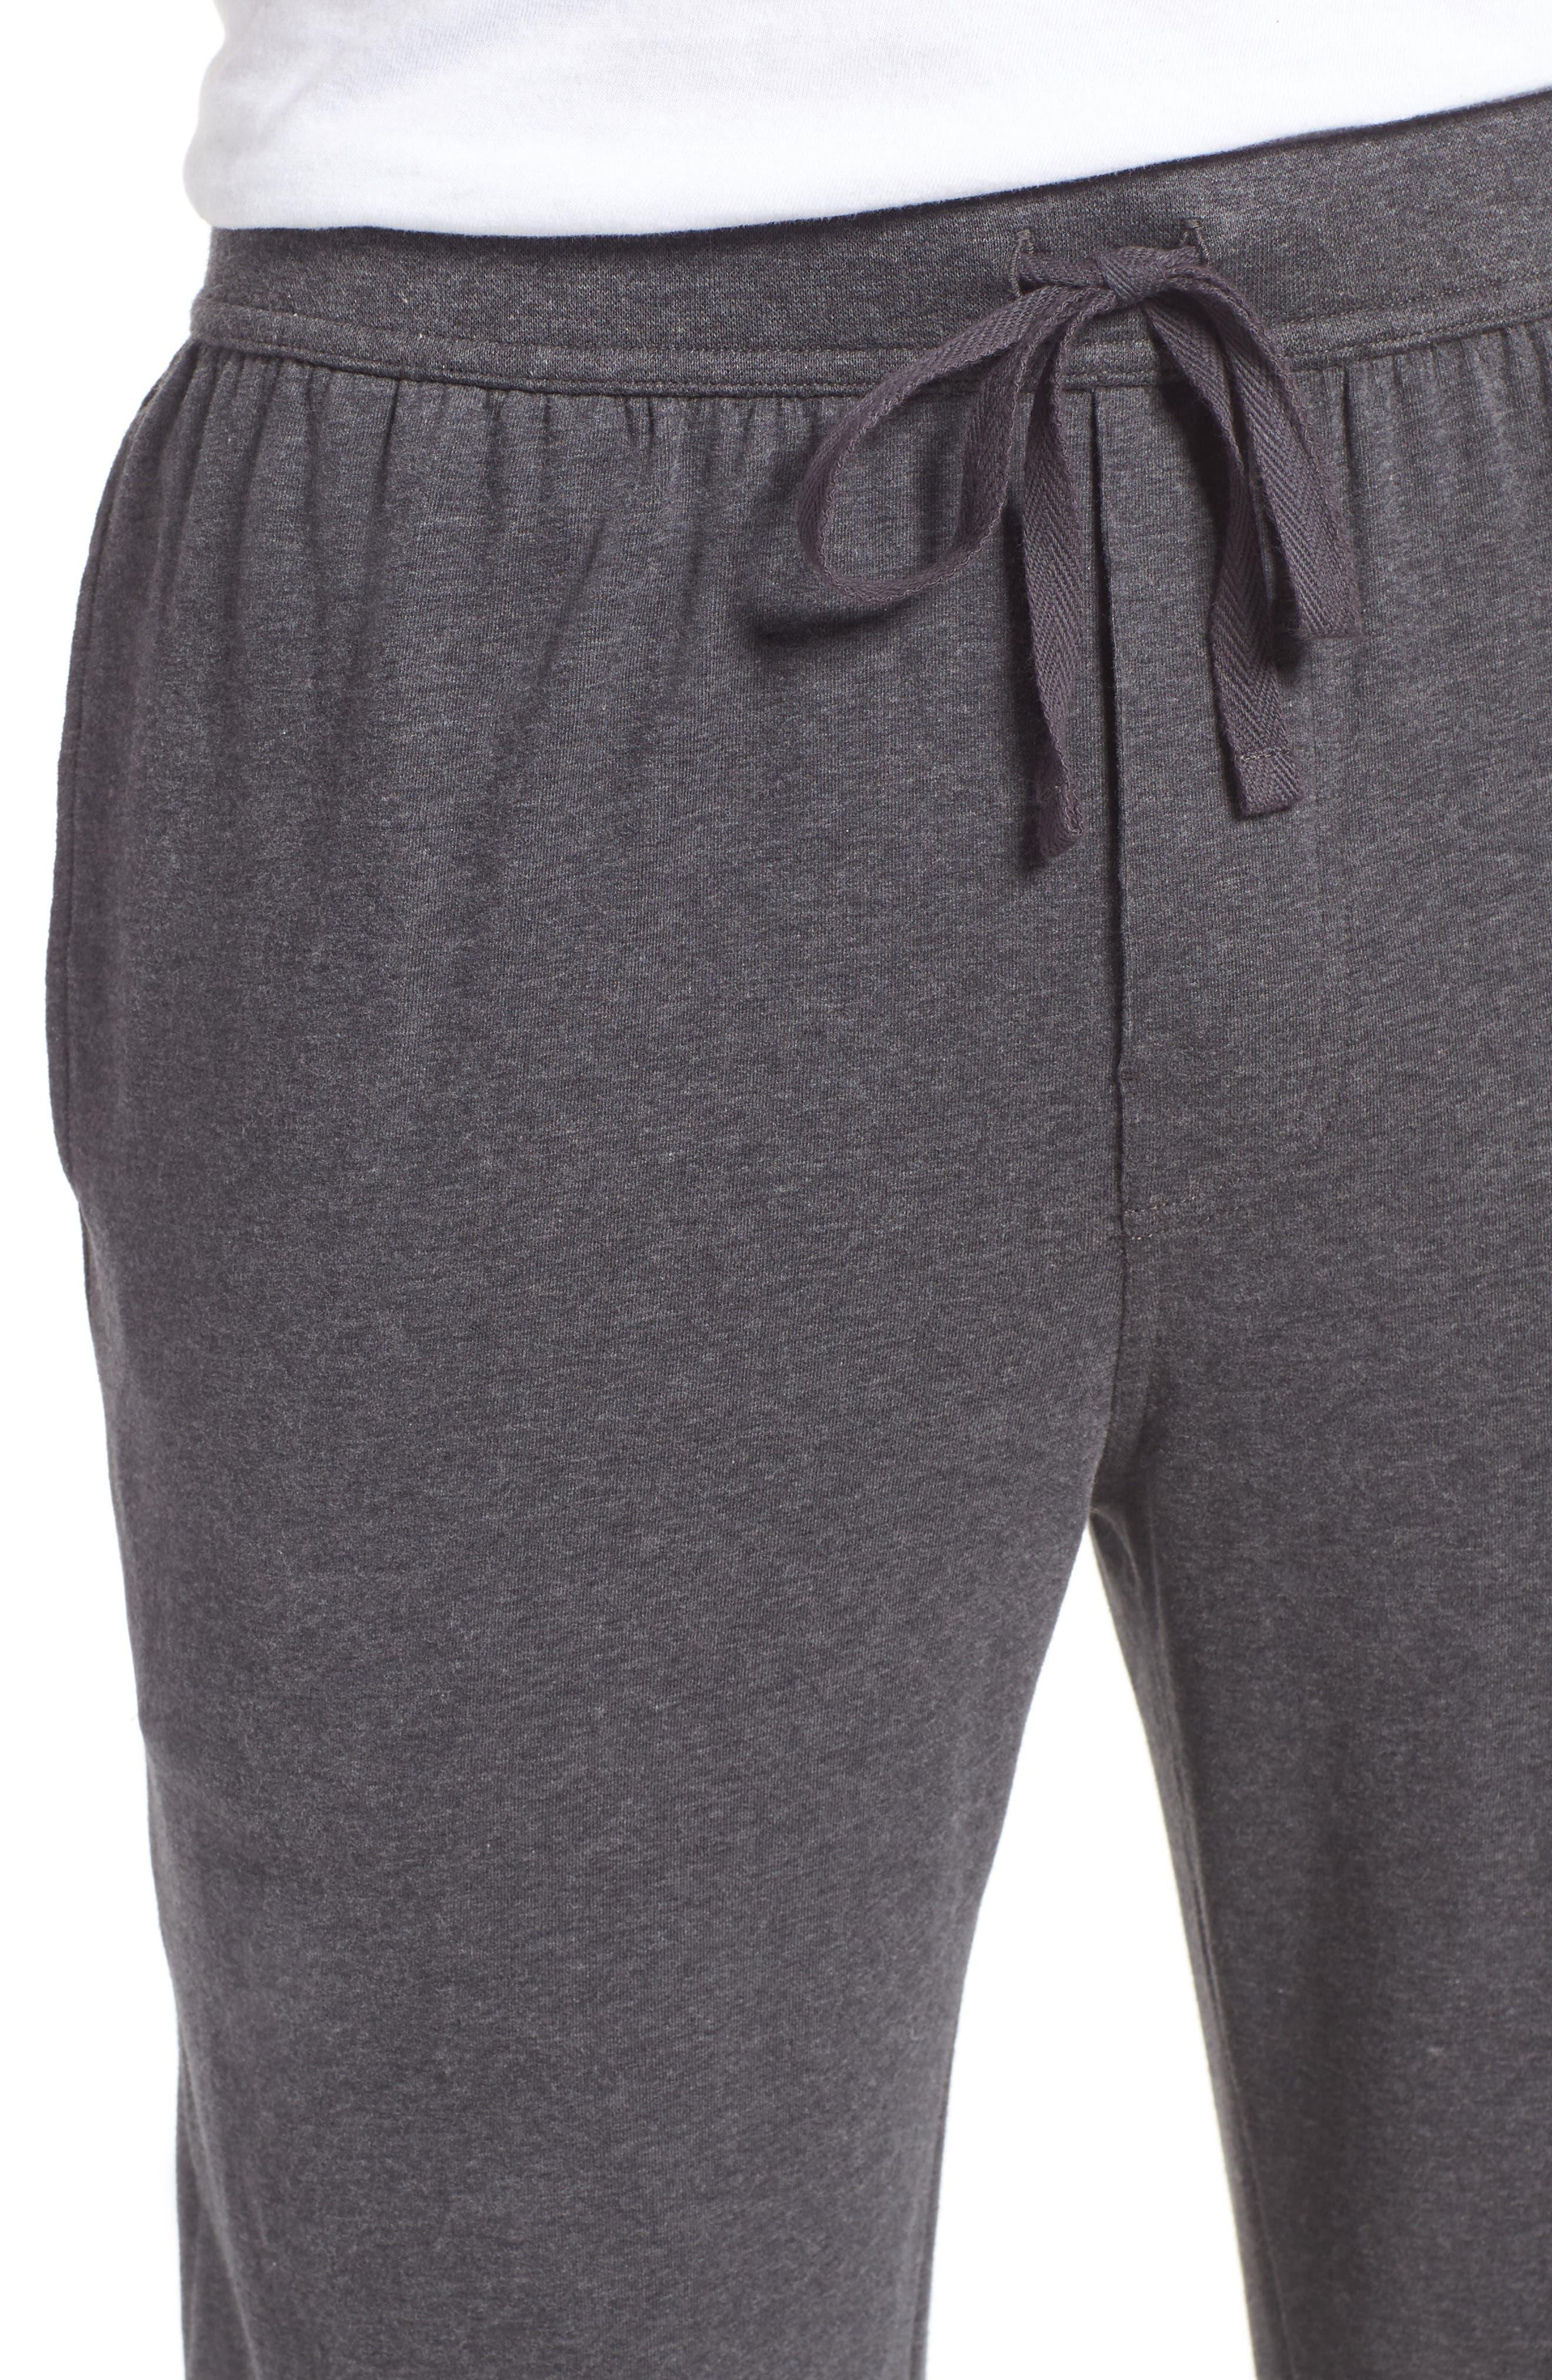 Stretch Cotton Lounge Pants,                             Alternate thumbnail 7, color,